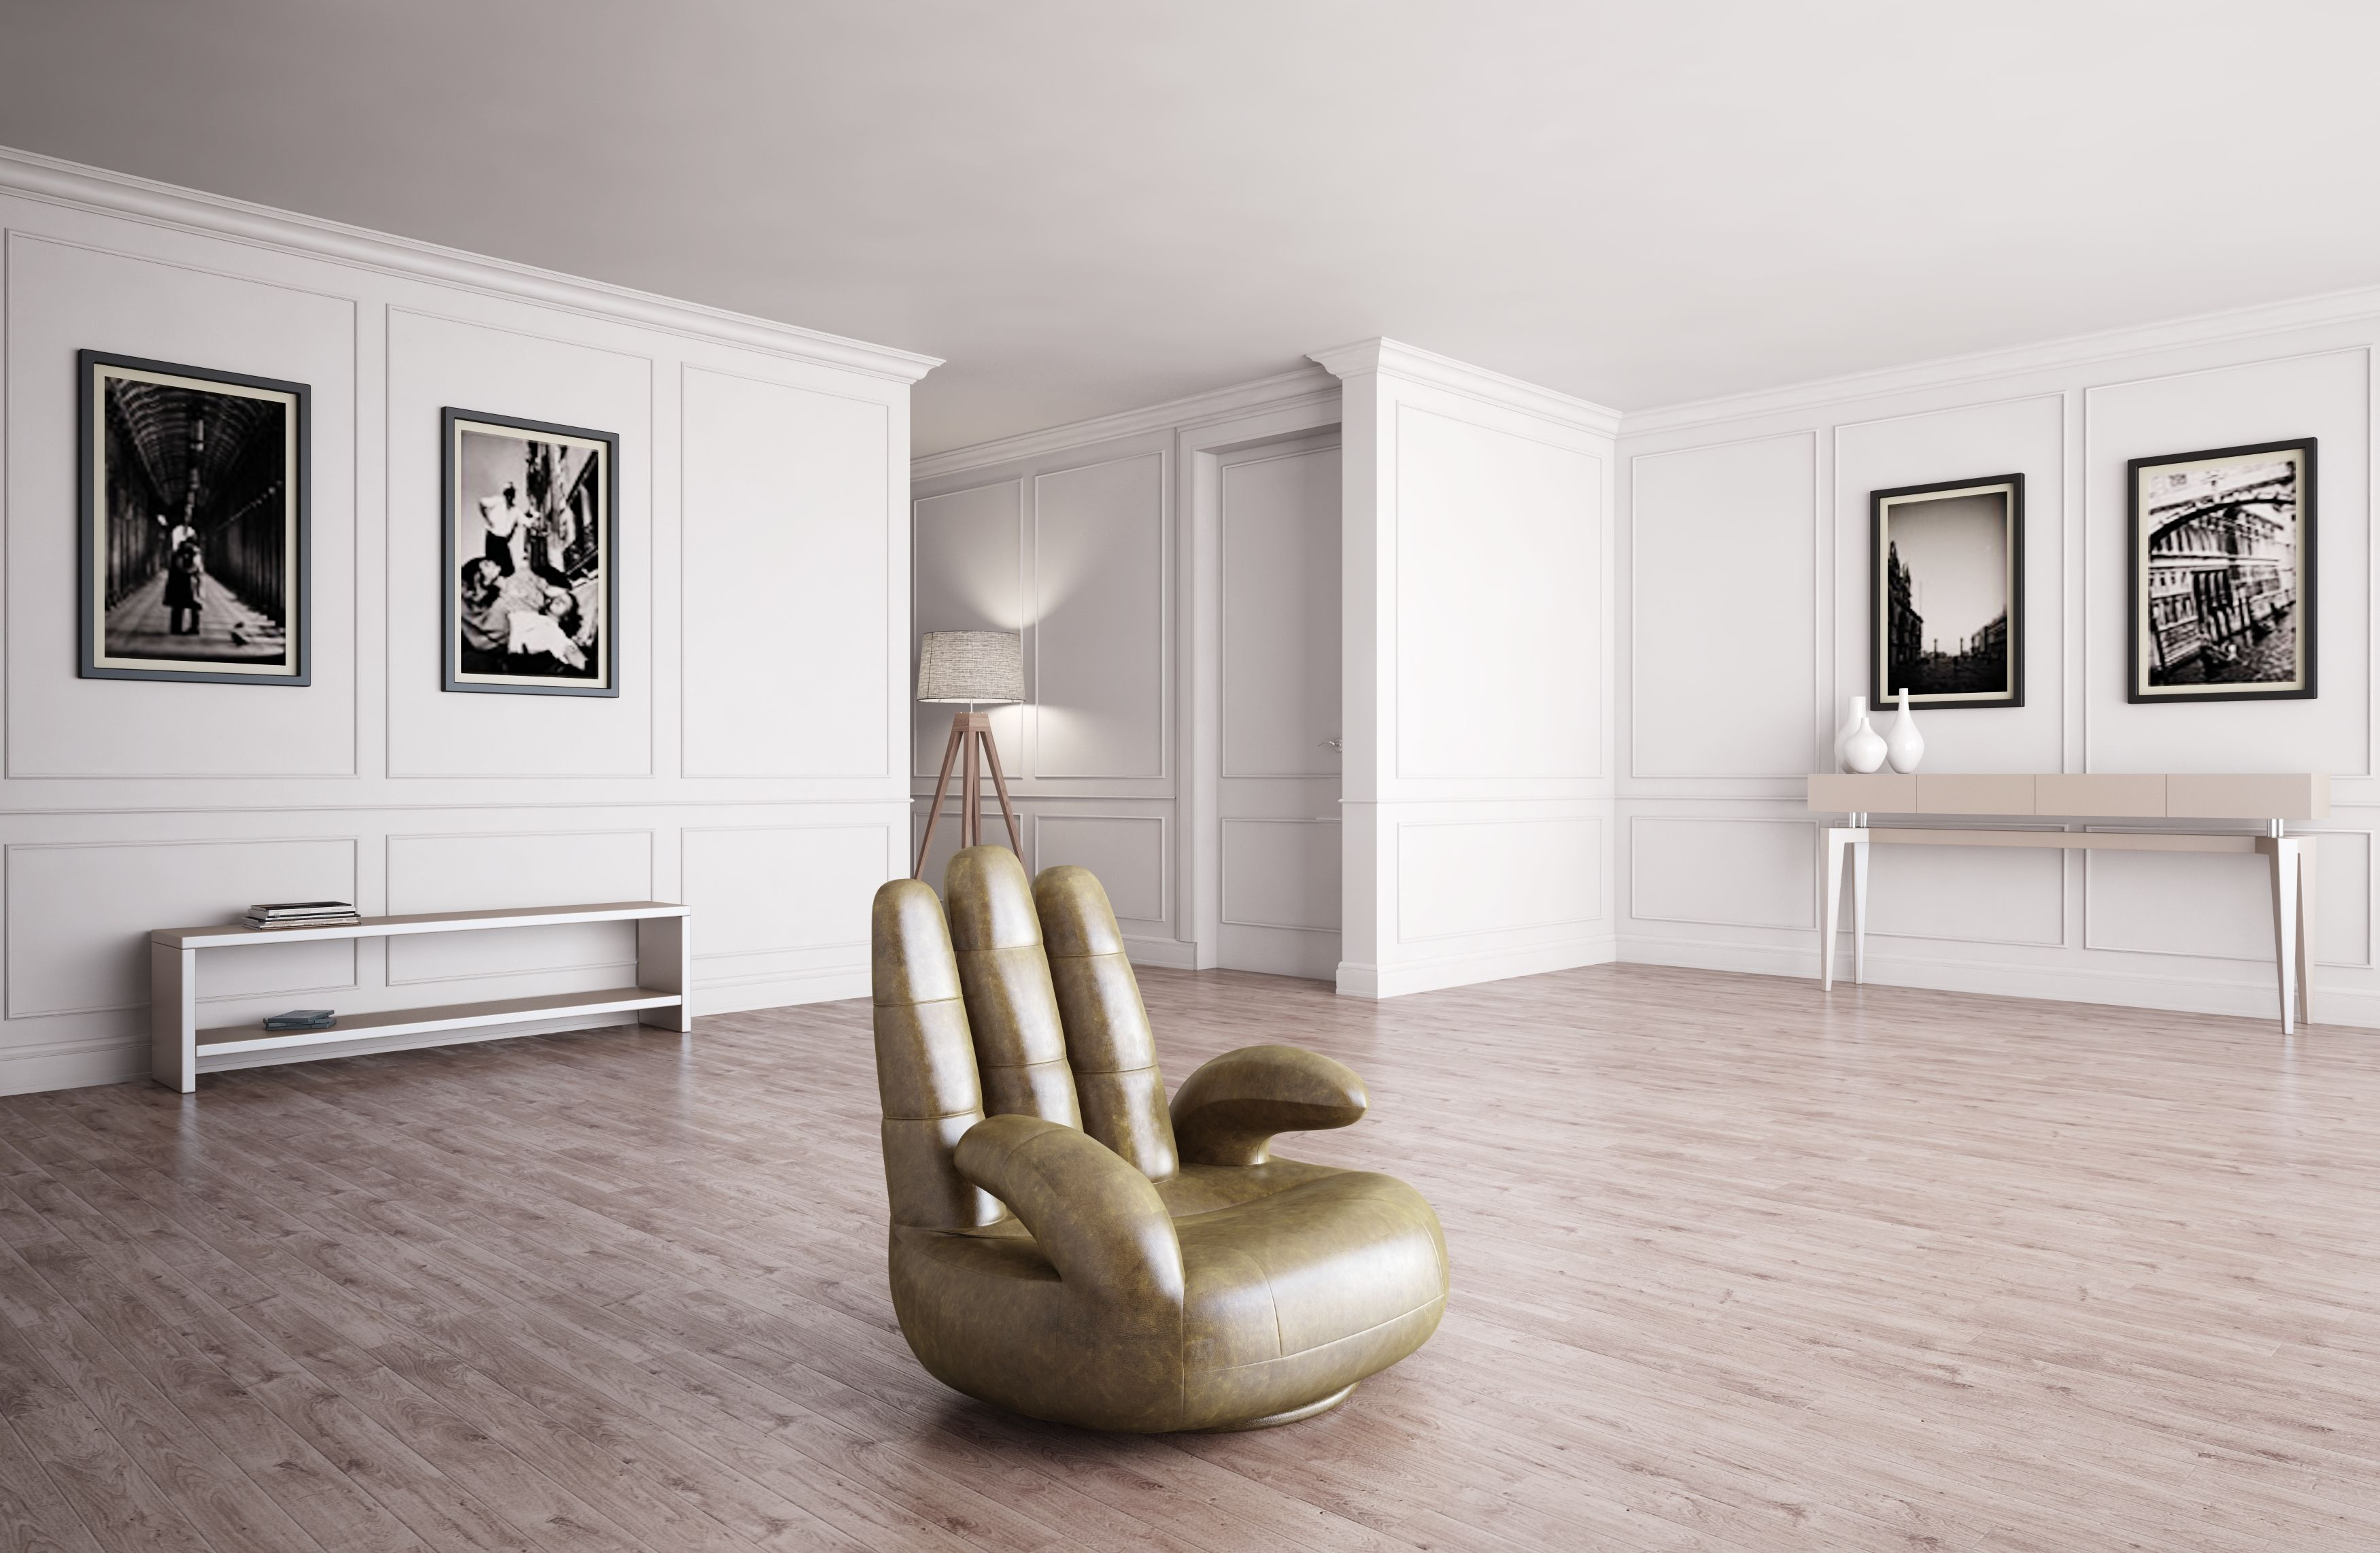 Estro salotti sosia modern white leather hand accent chair